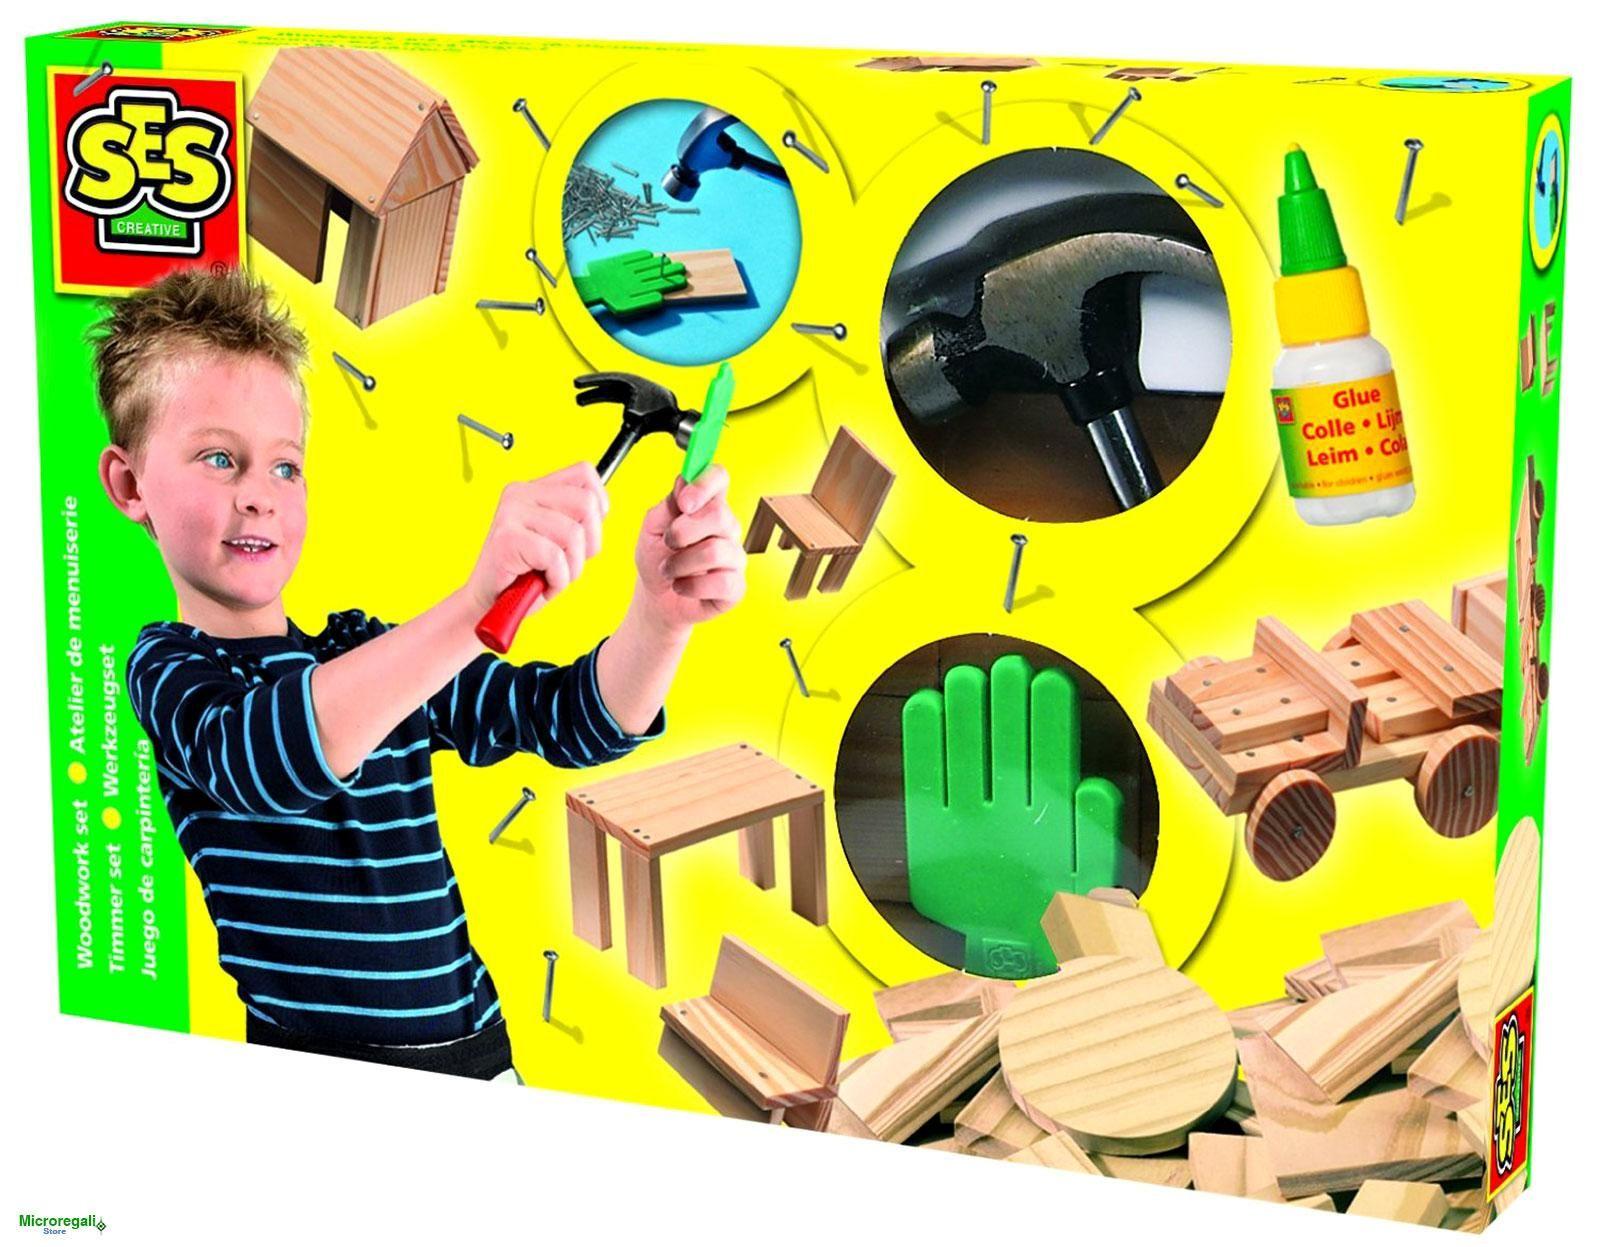 Costruzioni in Legno ATELIER DEL COSTRUTTORE per bambini 5 anniCostruzioni in Legno per imparare a costruire con un vero martello e con i chiodi. Le assi sono pretagliate per poter costruire tanti modelli diversi e la